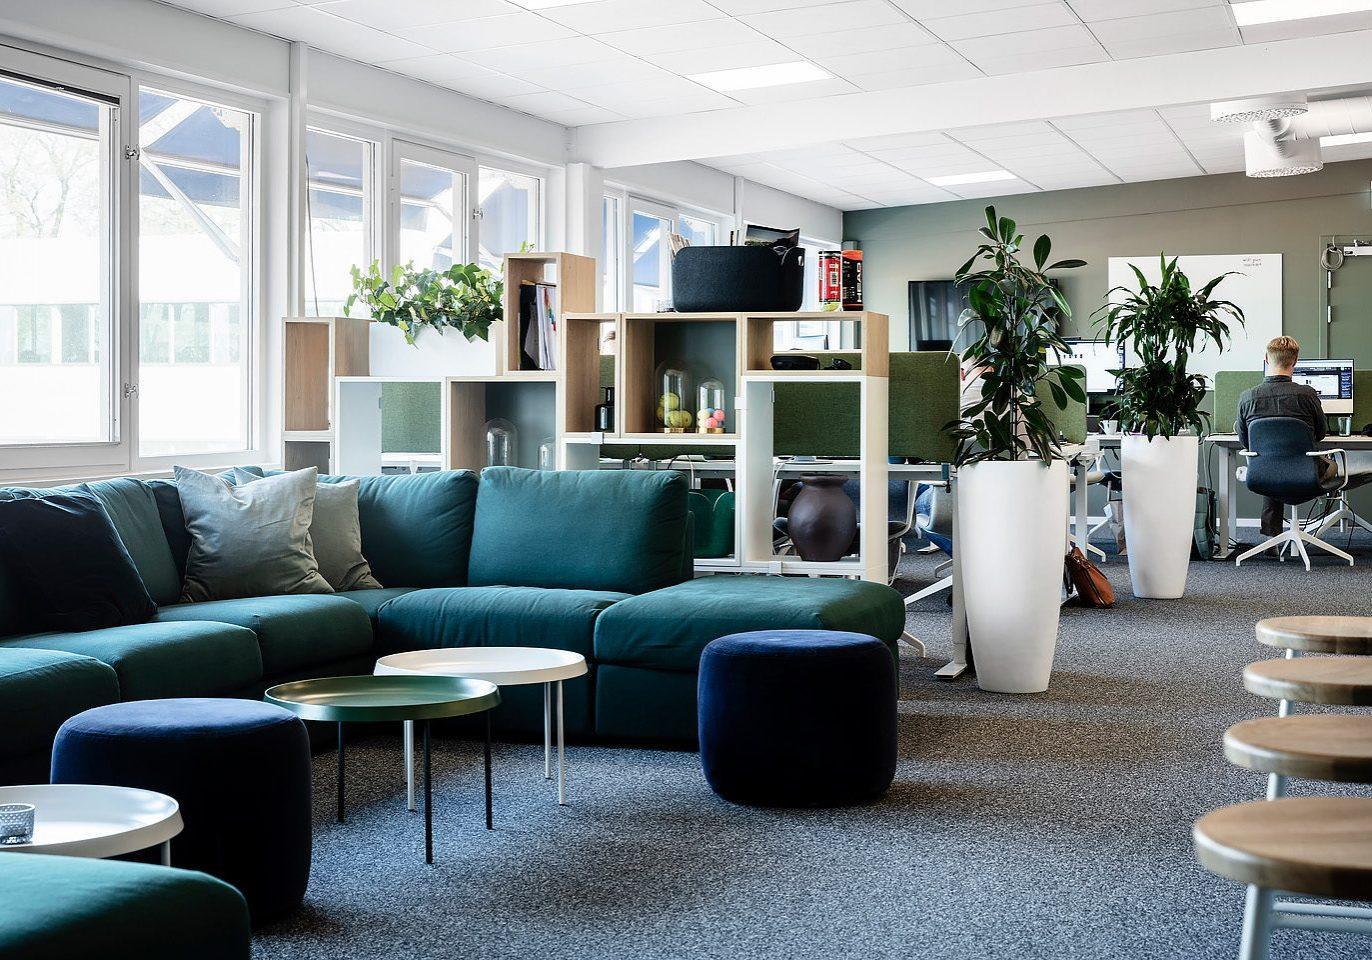 Soffa och puff från Ikea, Studio A3, Soffbord från Hay, Hylla Stacked från Muuto, Kruka Luwasa.